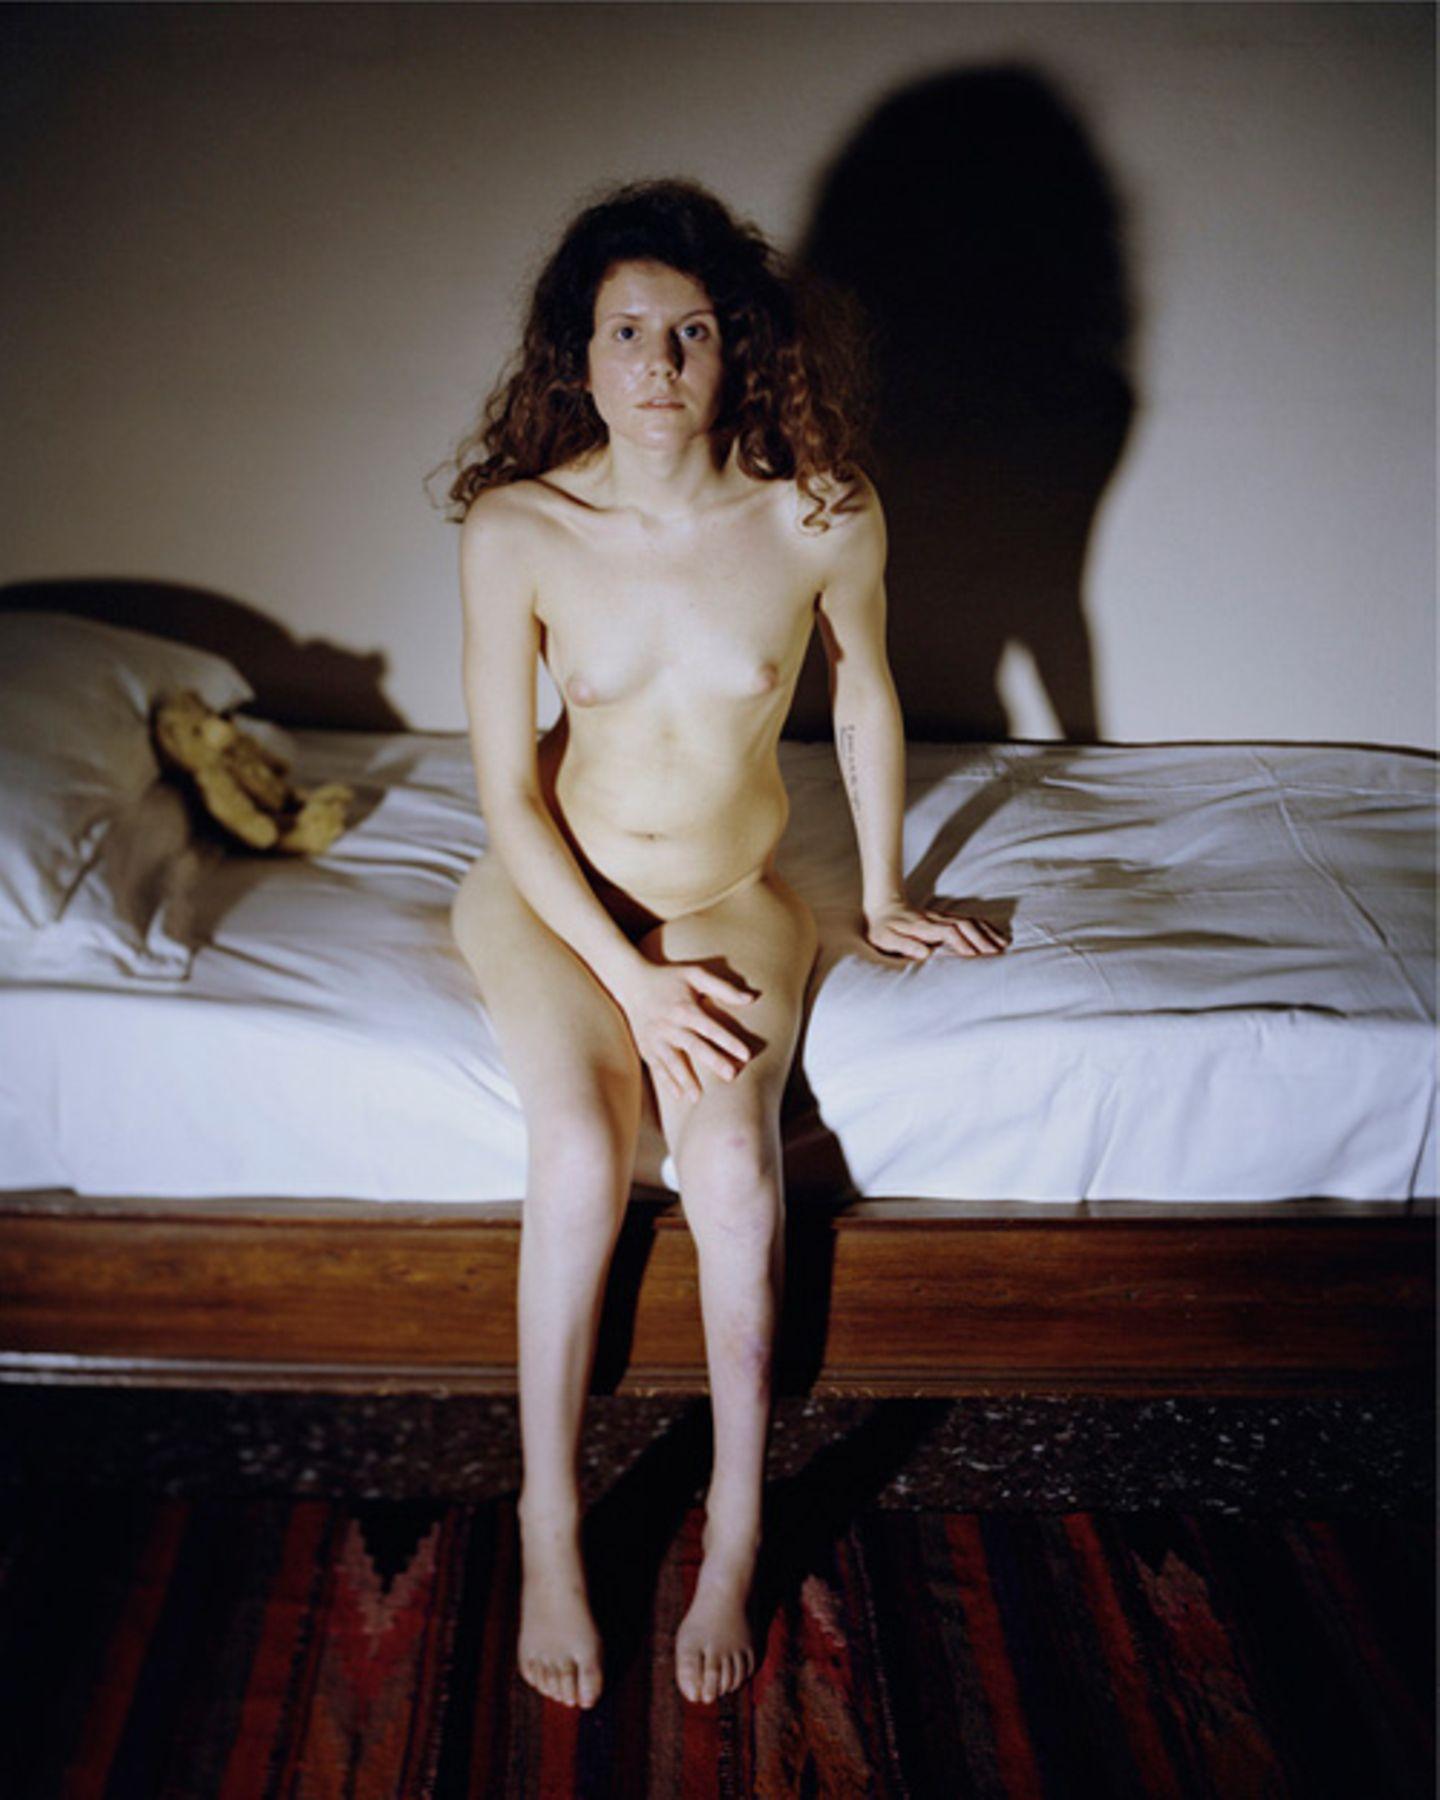 Bewegende Fotos: Fermariello produzierte seine Serie in Italien. Auch um auf gesellschaftliche Missstände hinzuweisen.